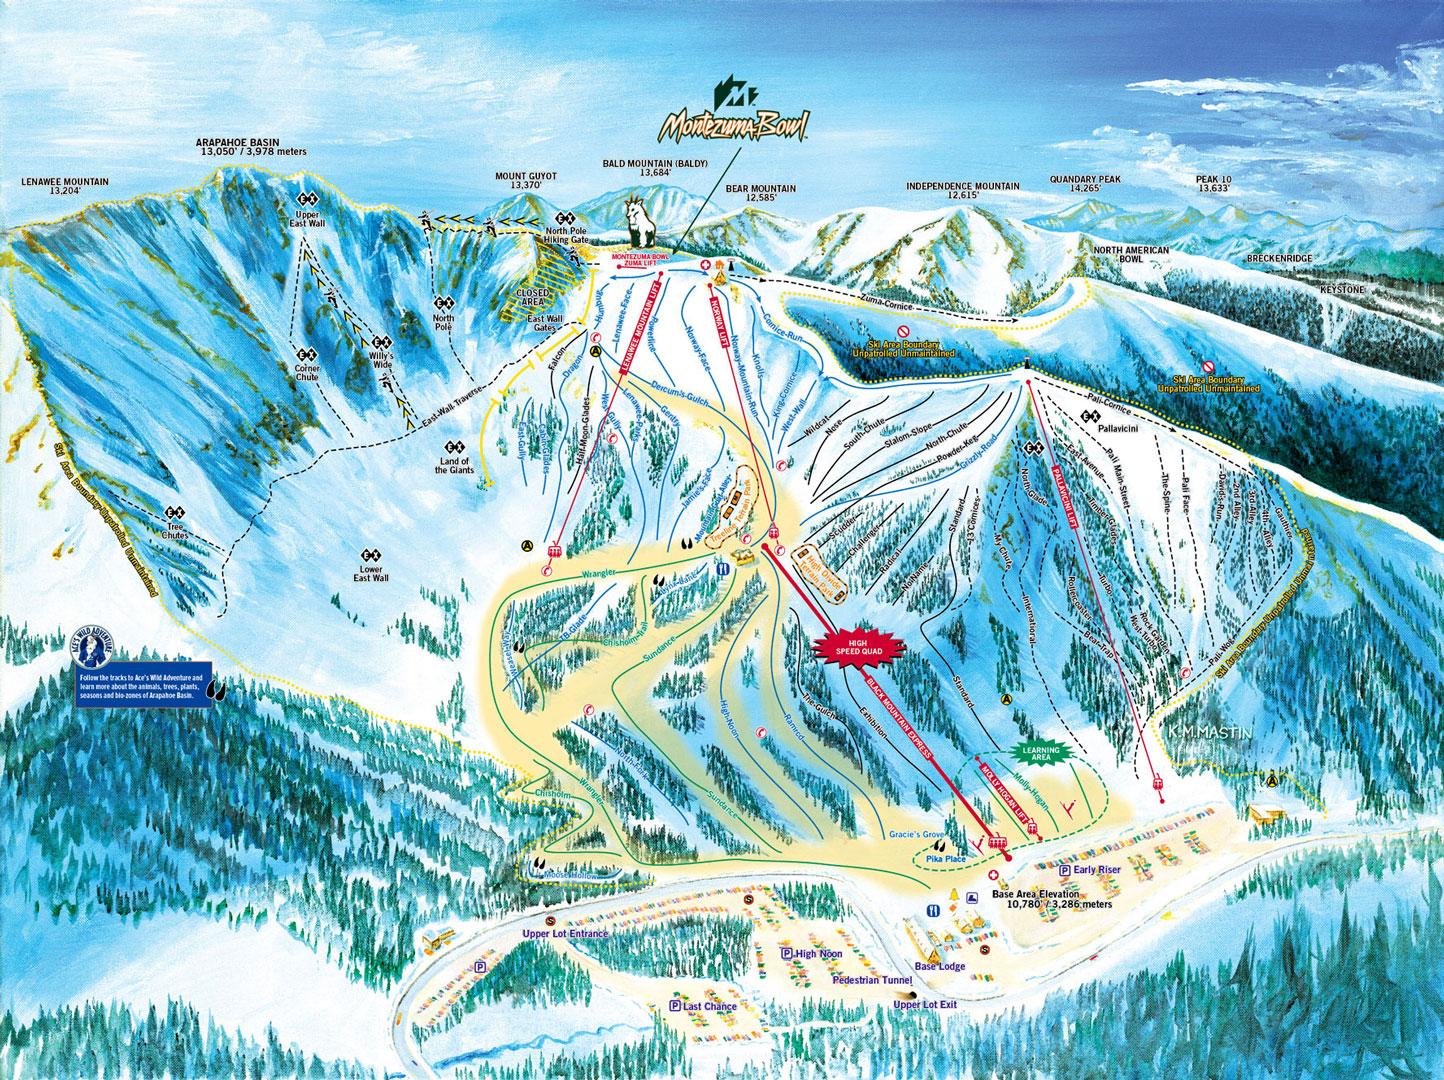 Arapahoe Basin Resort Skiing Snowboarding Colorado Vacation